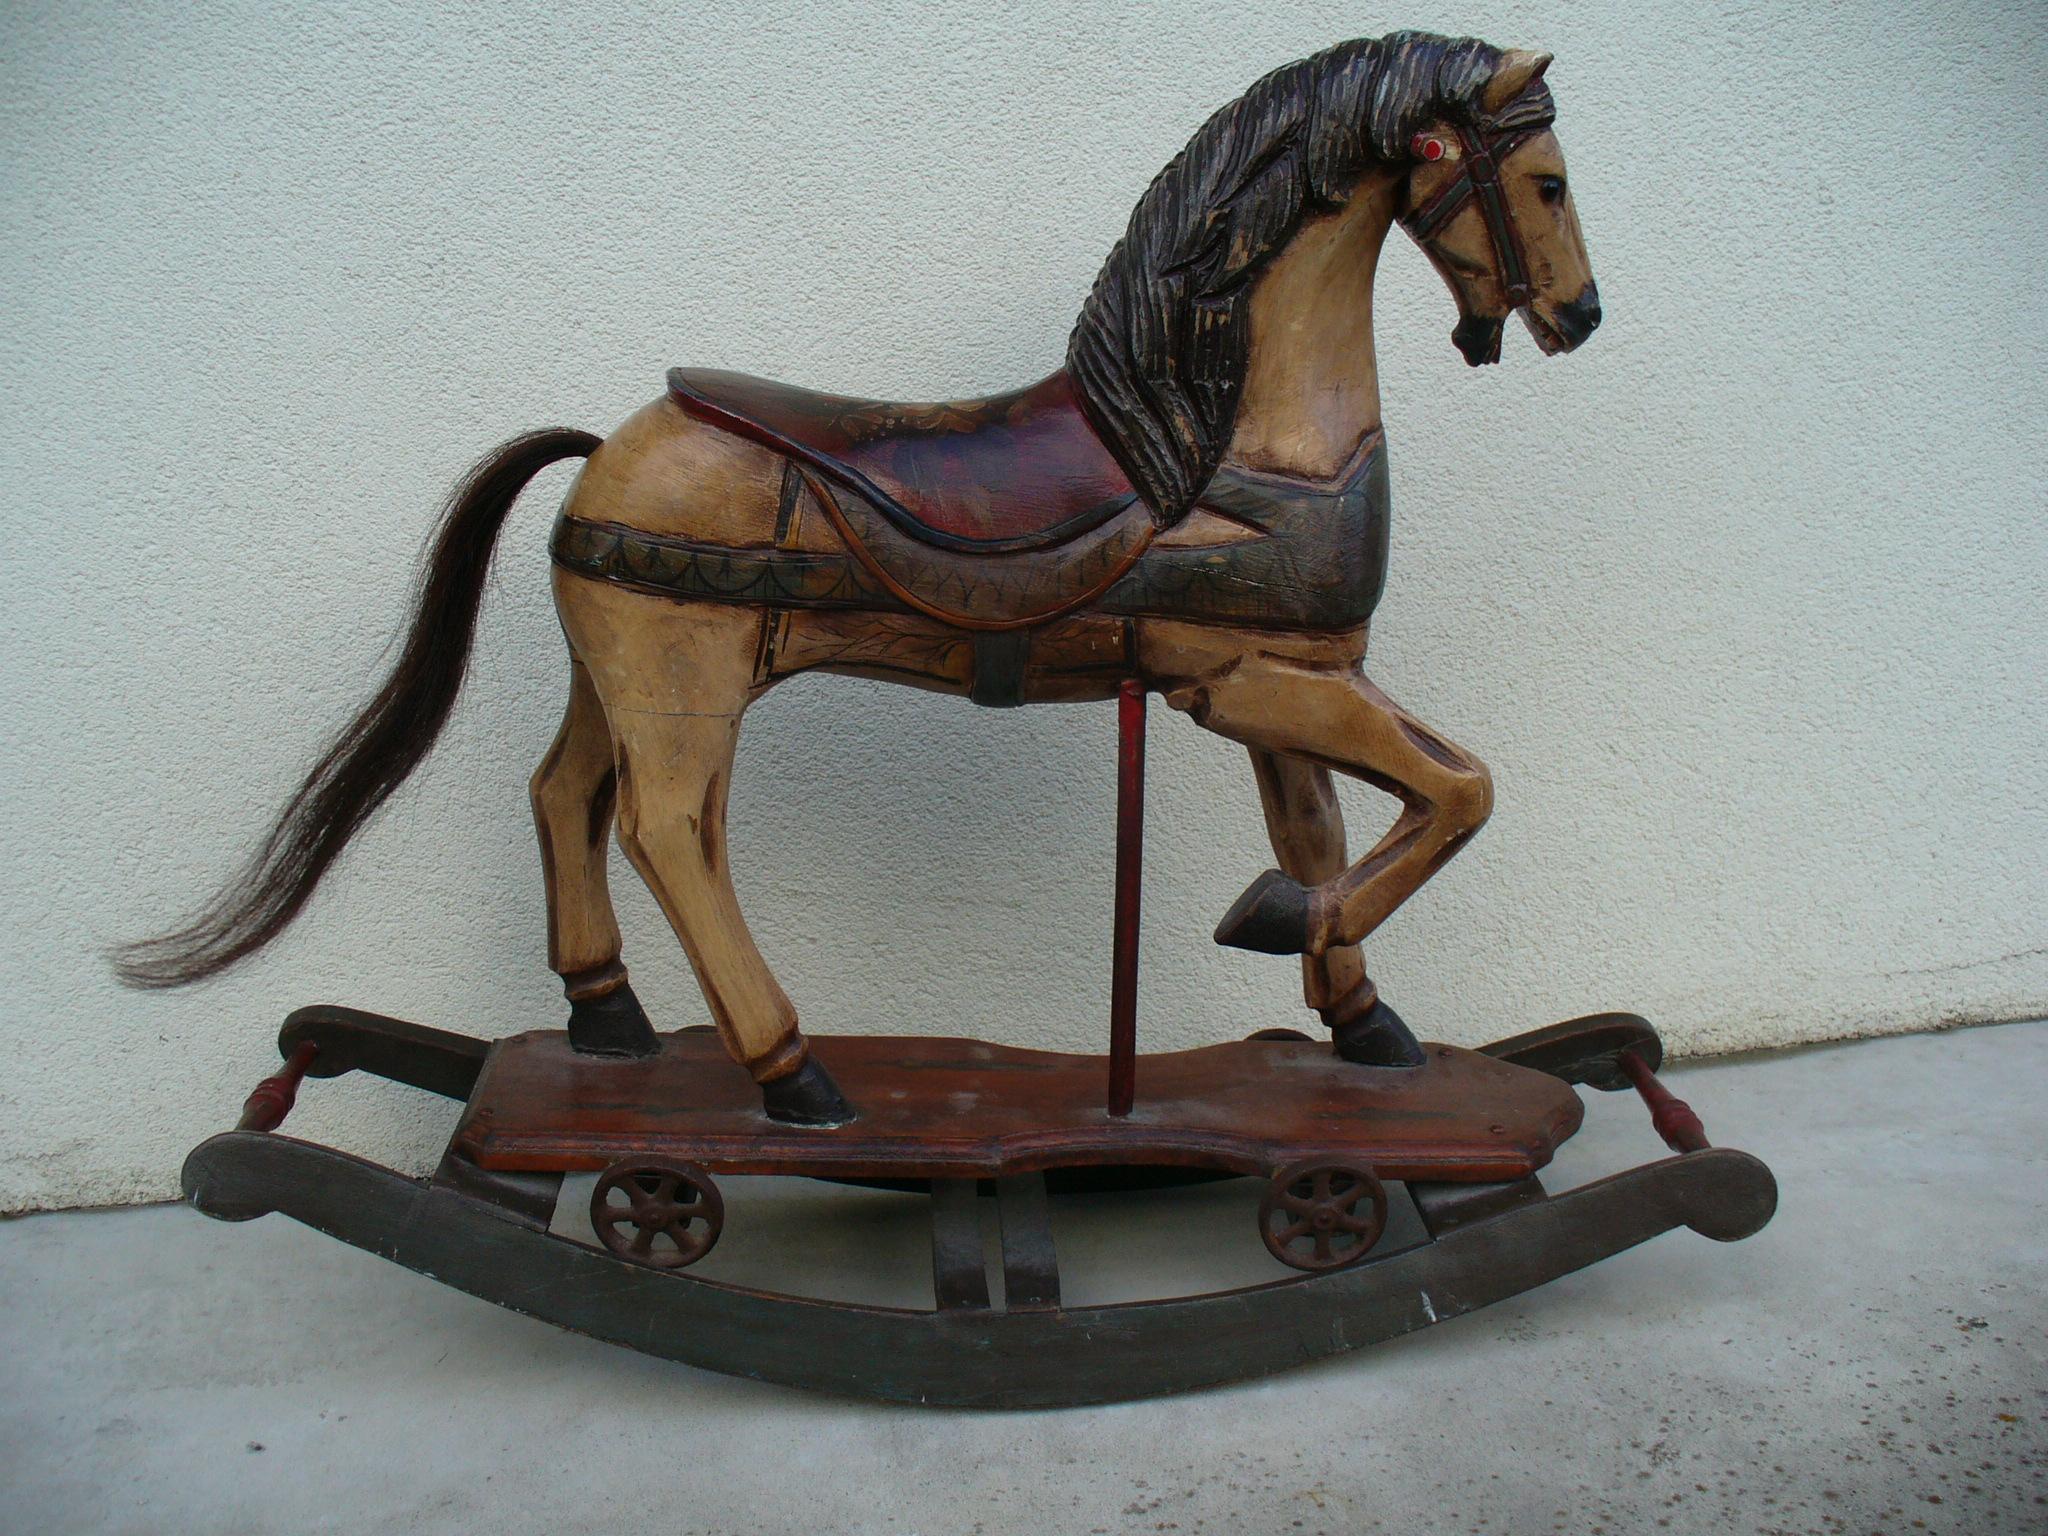 Rocking Horse I by AutumnRaindrop-Stock